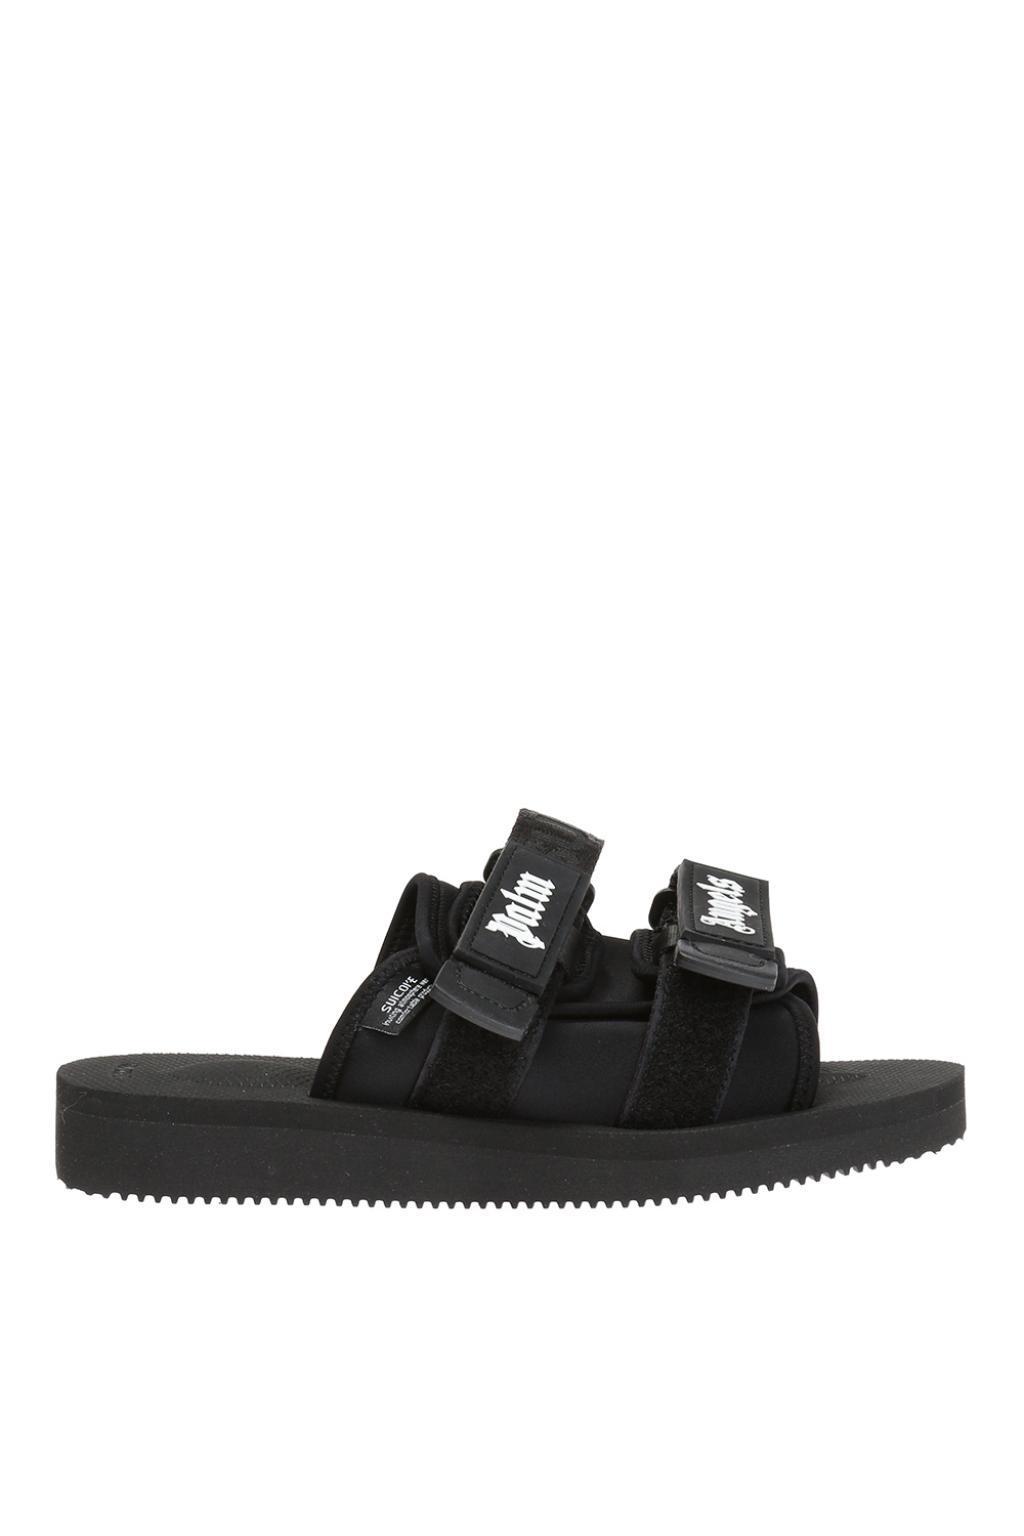 130e67e0447e Palm Angels Suicoke Moto-m Sandals in Black for Men - Lyst